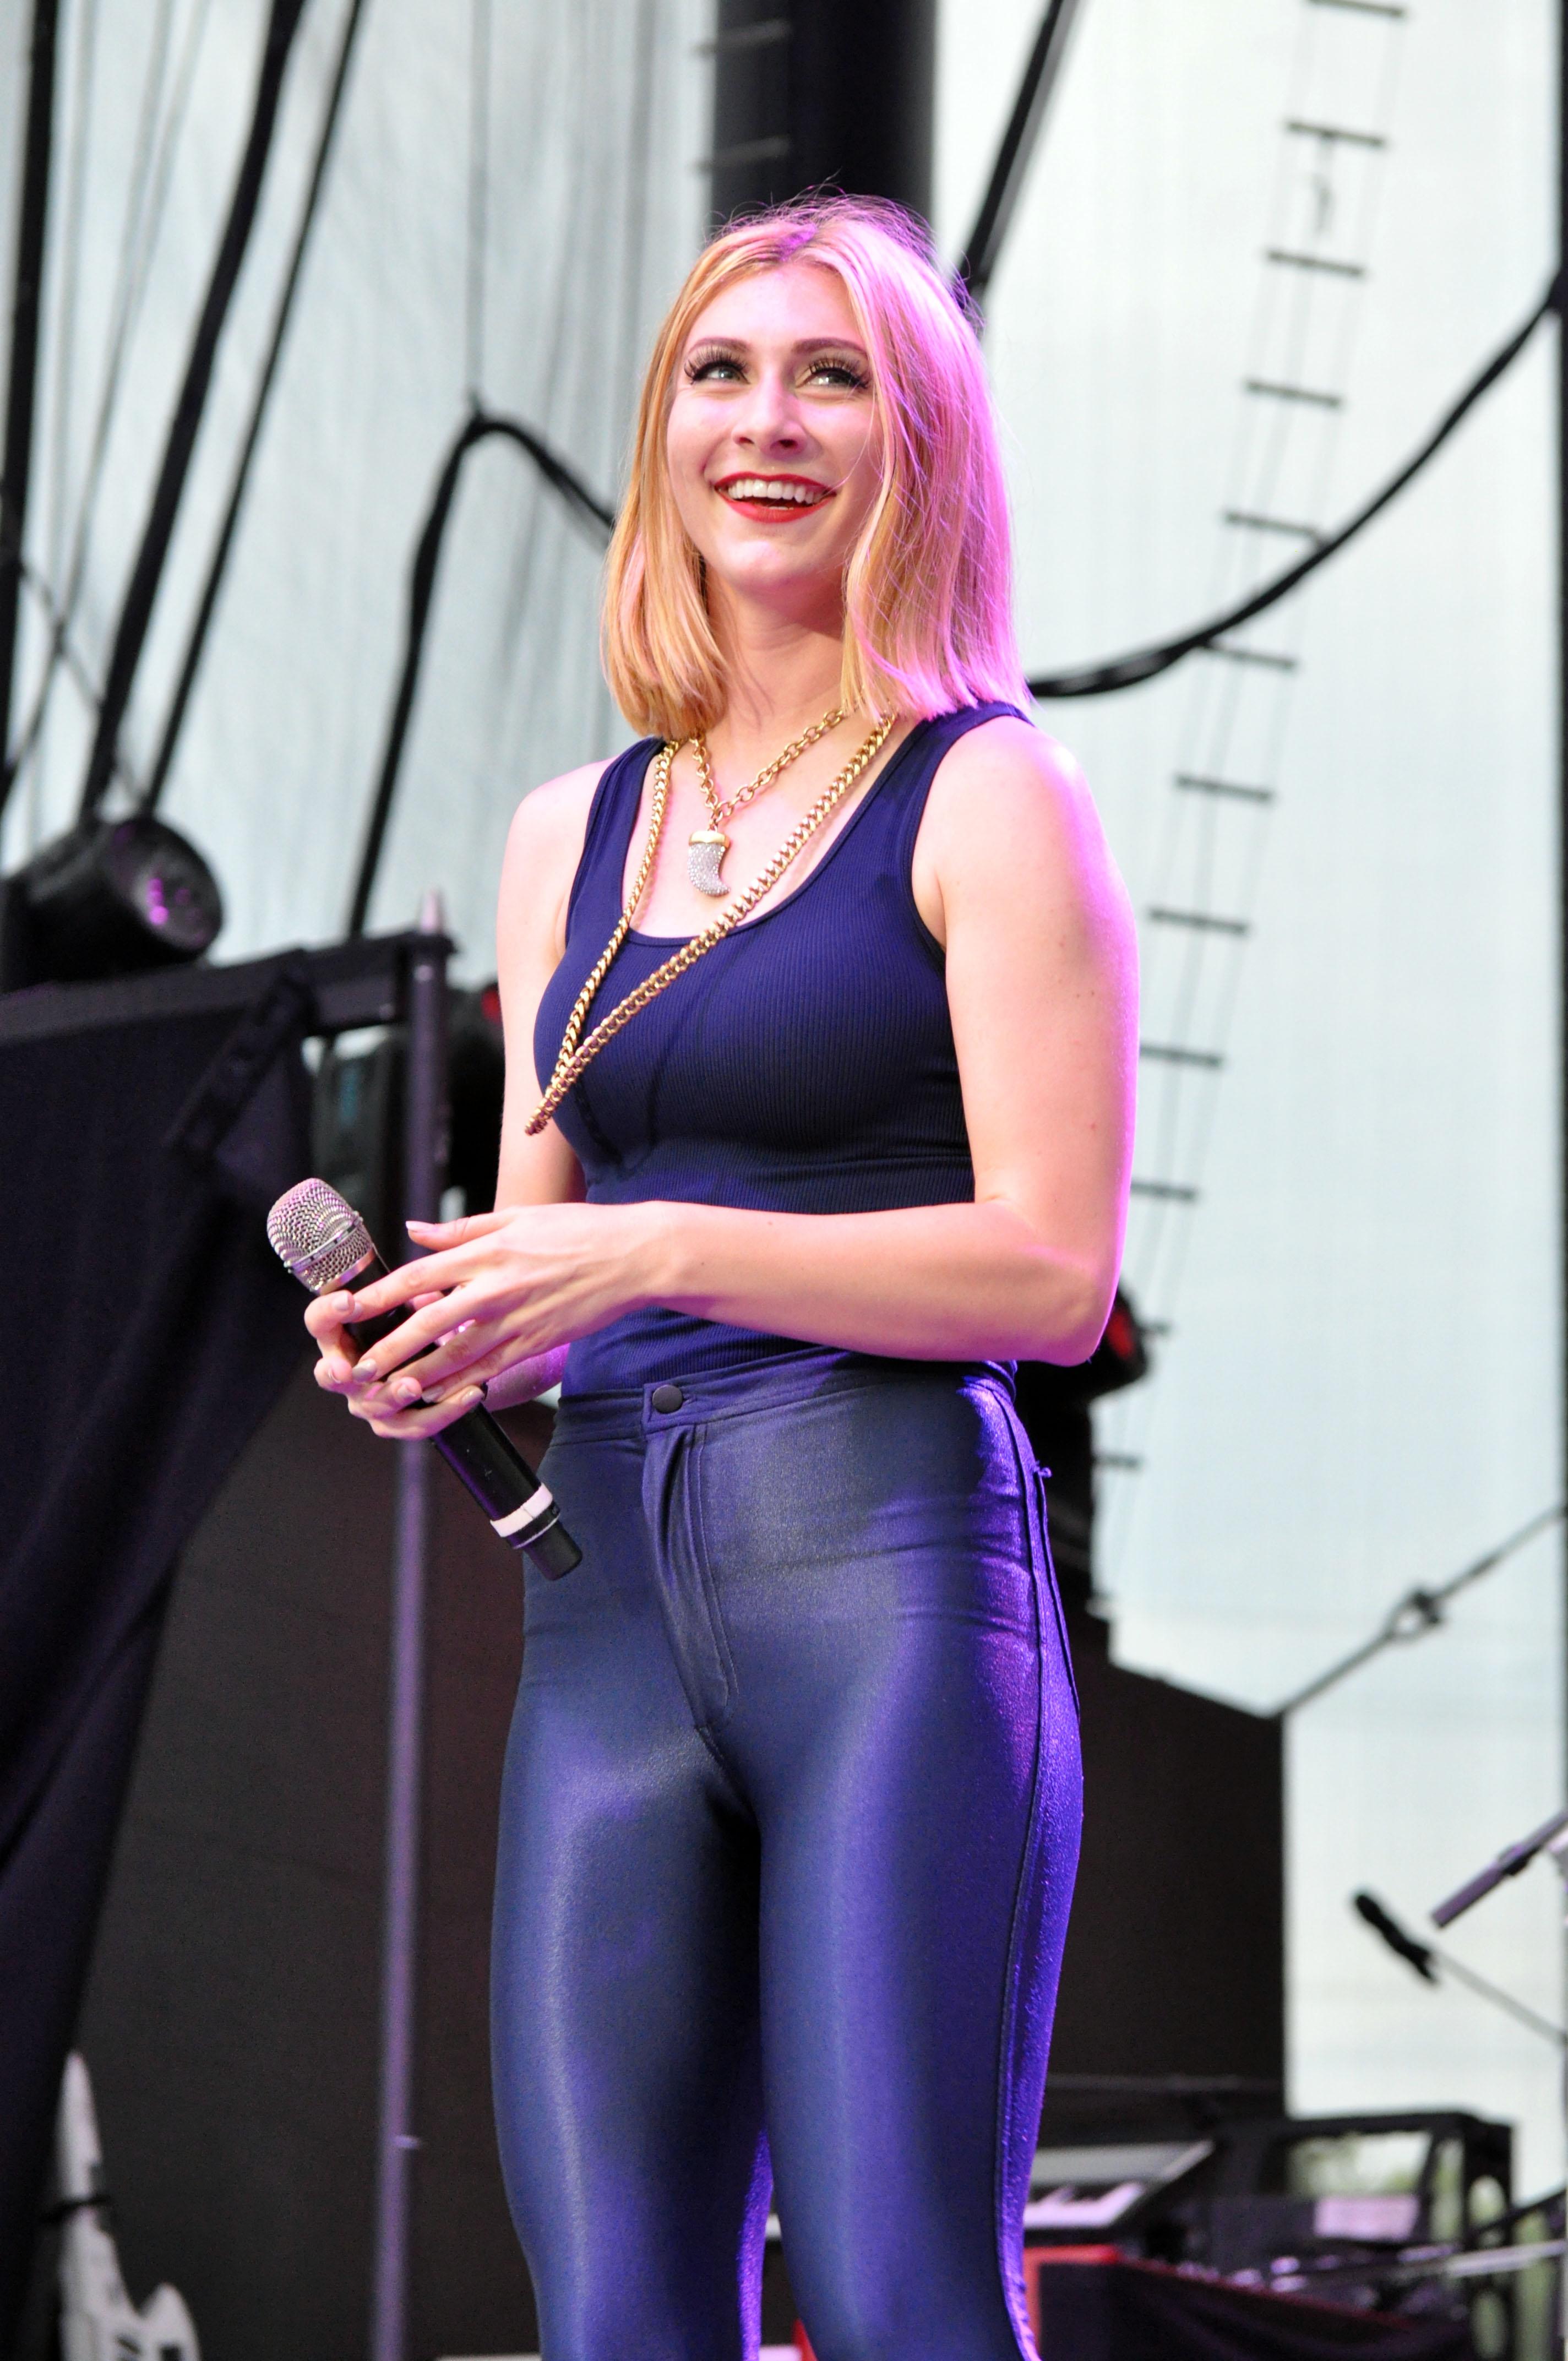 Amy_Heidemann_20130731_Concert_Raleigh_002.jpg